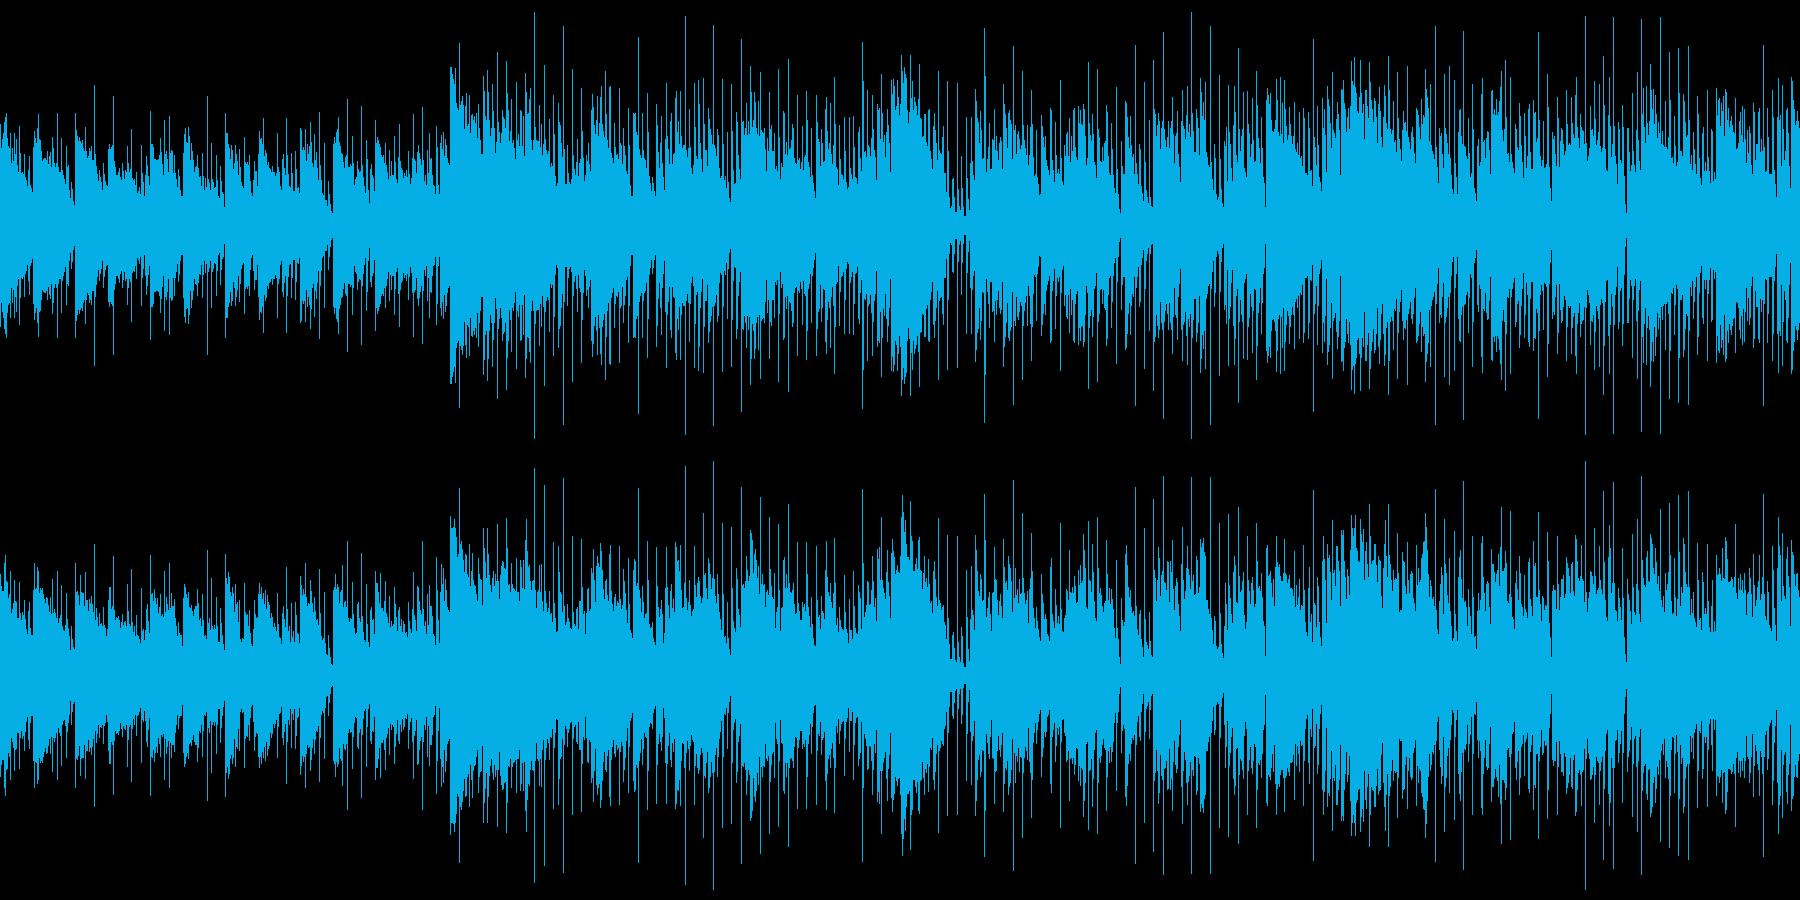 リラックスできる映像・おしゃれなジャズの再生済みの波形